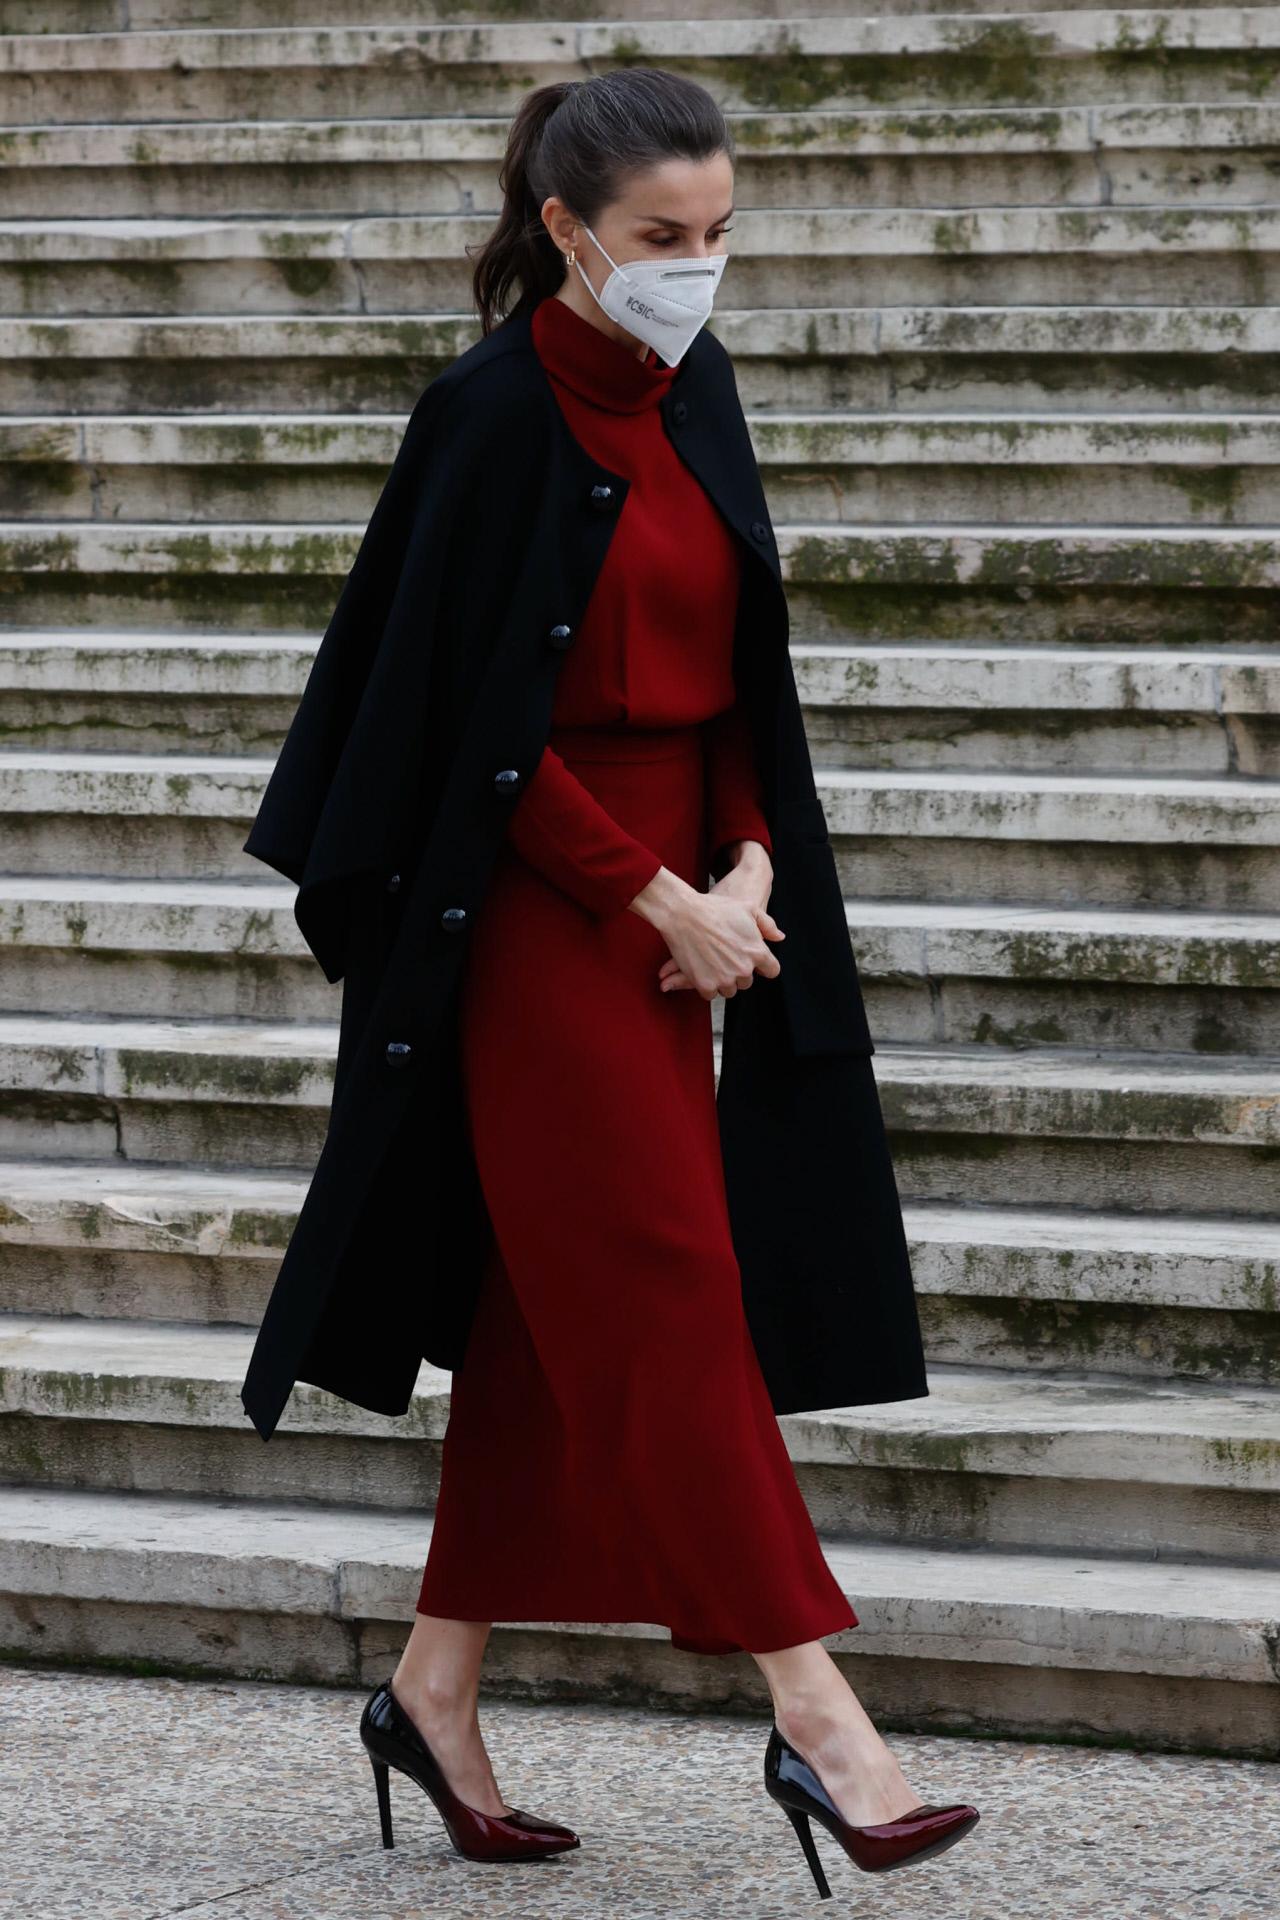 El look de la reina Letizia.